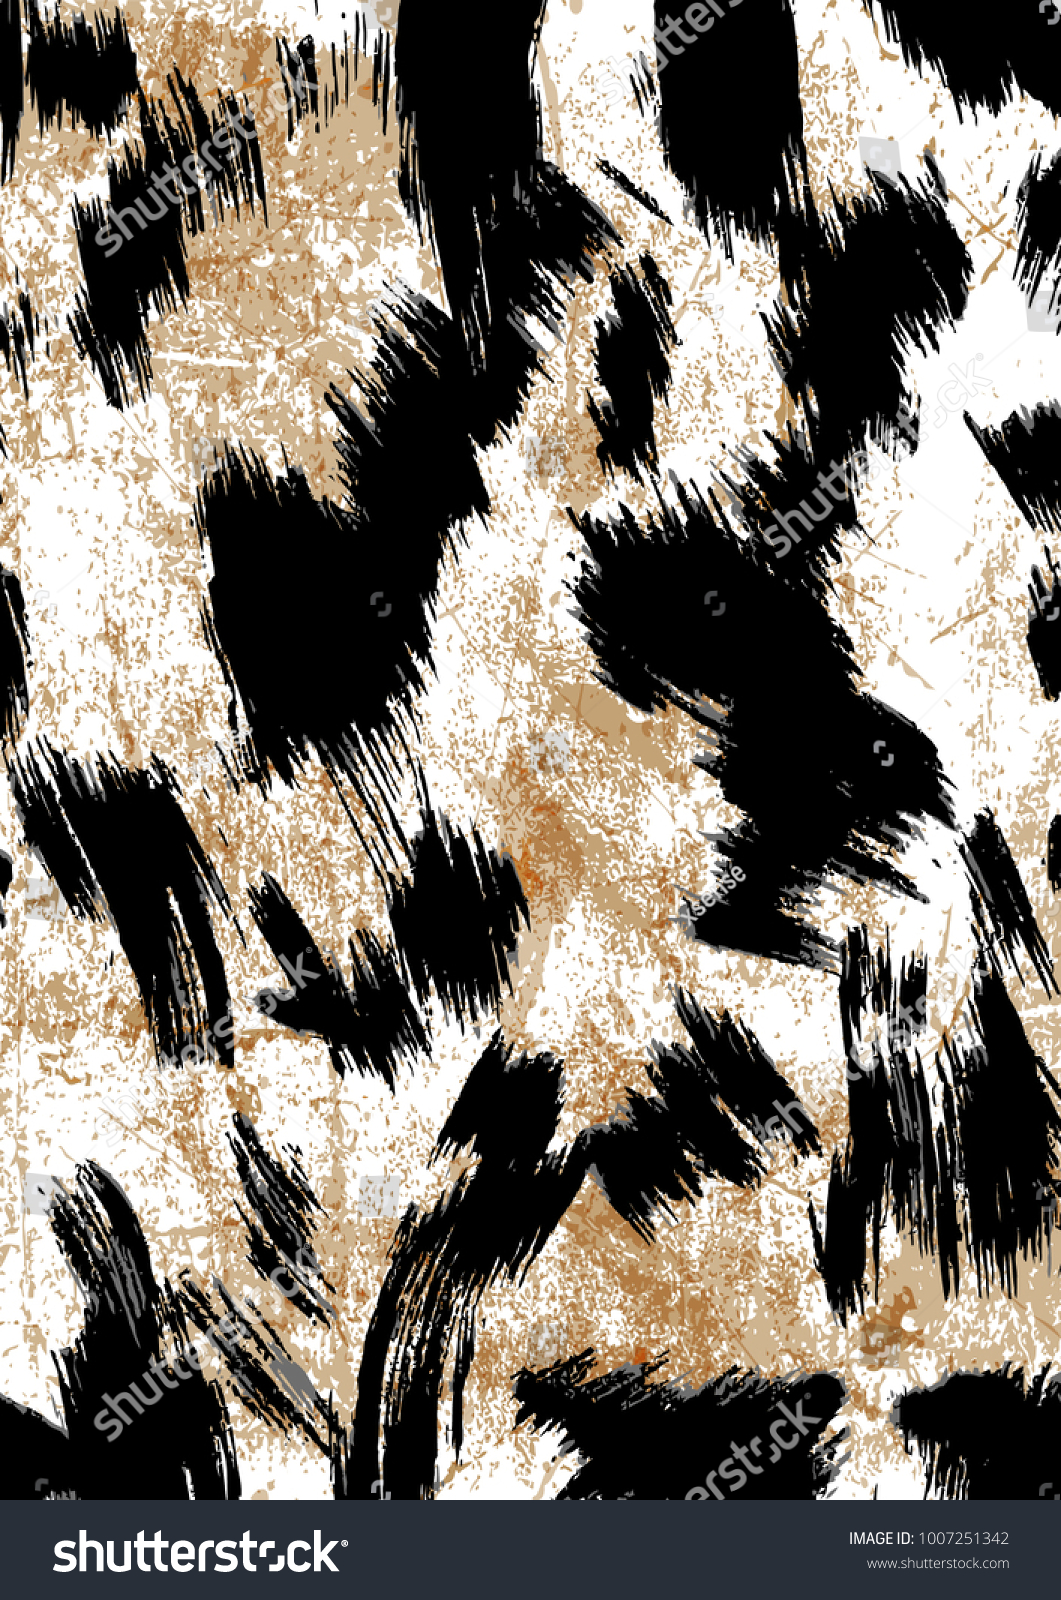 Leopard pattern design, vector illustration background